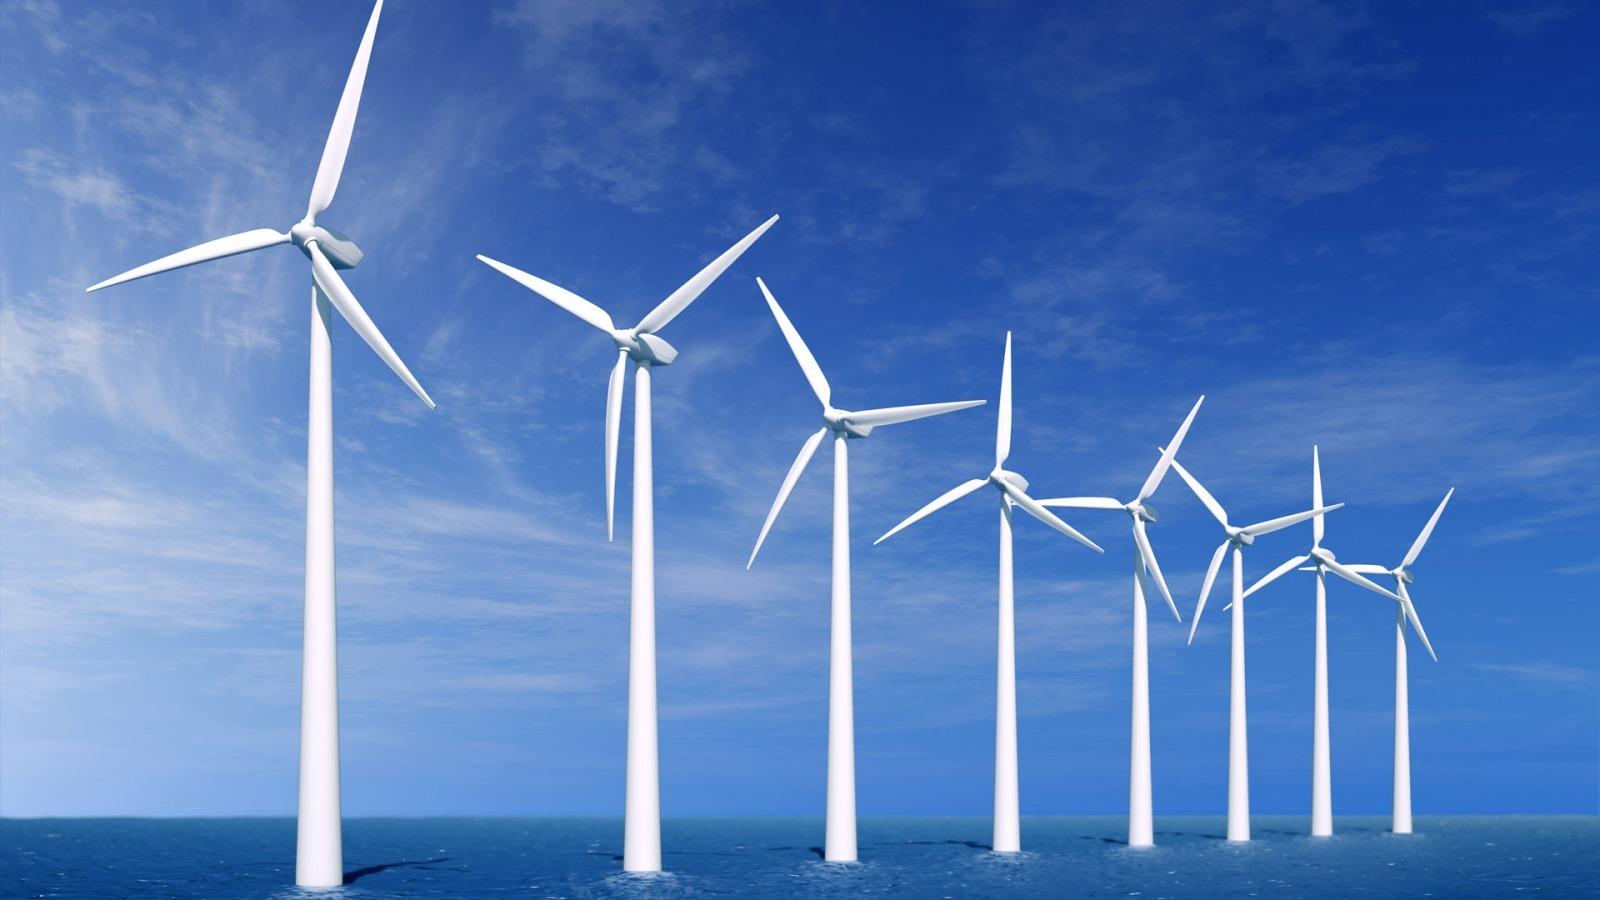 Molino-viento-para-generar-energia-eolica